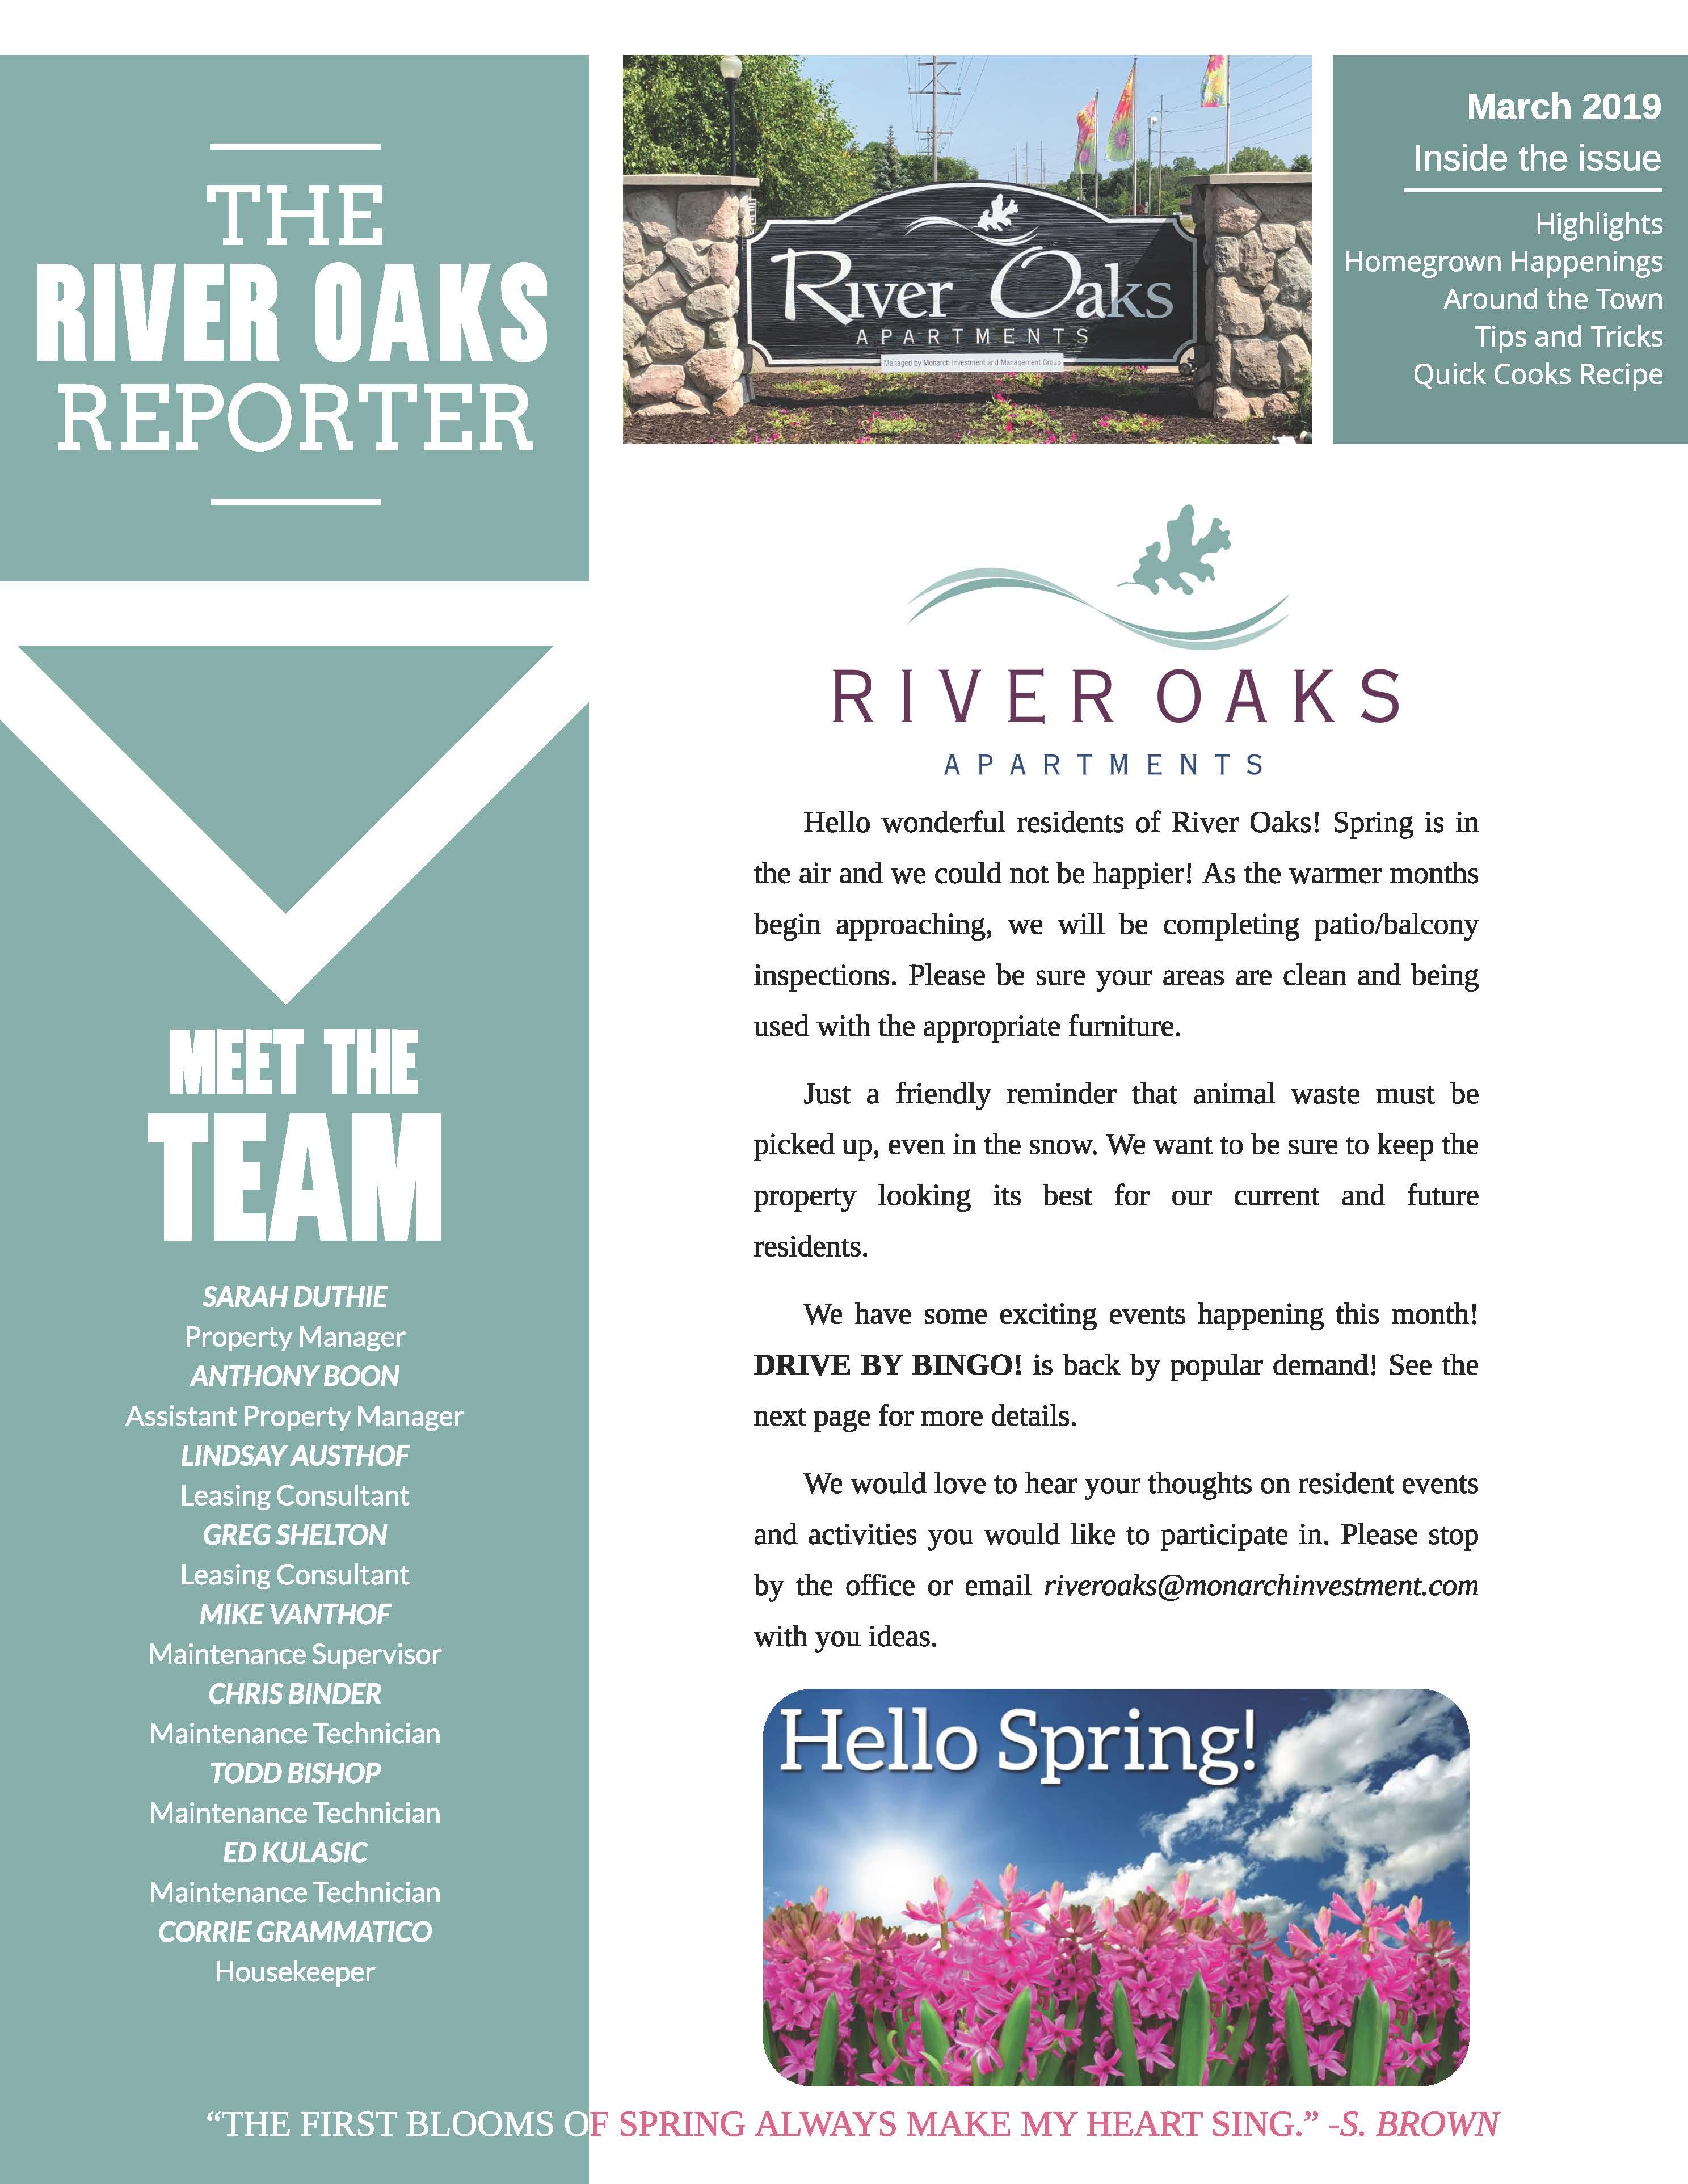 February 2019 Newsletter The River Oaks Reporter